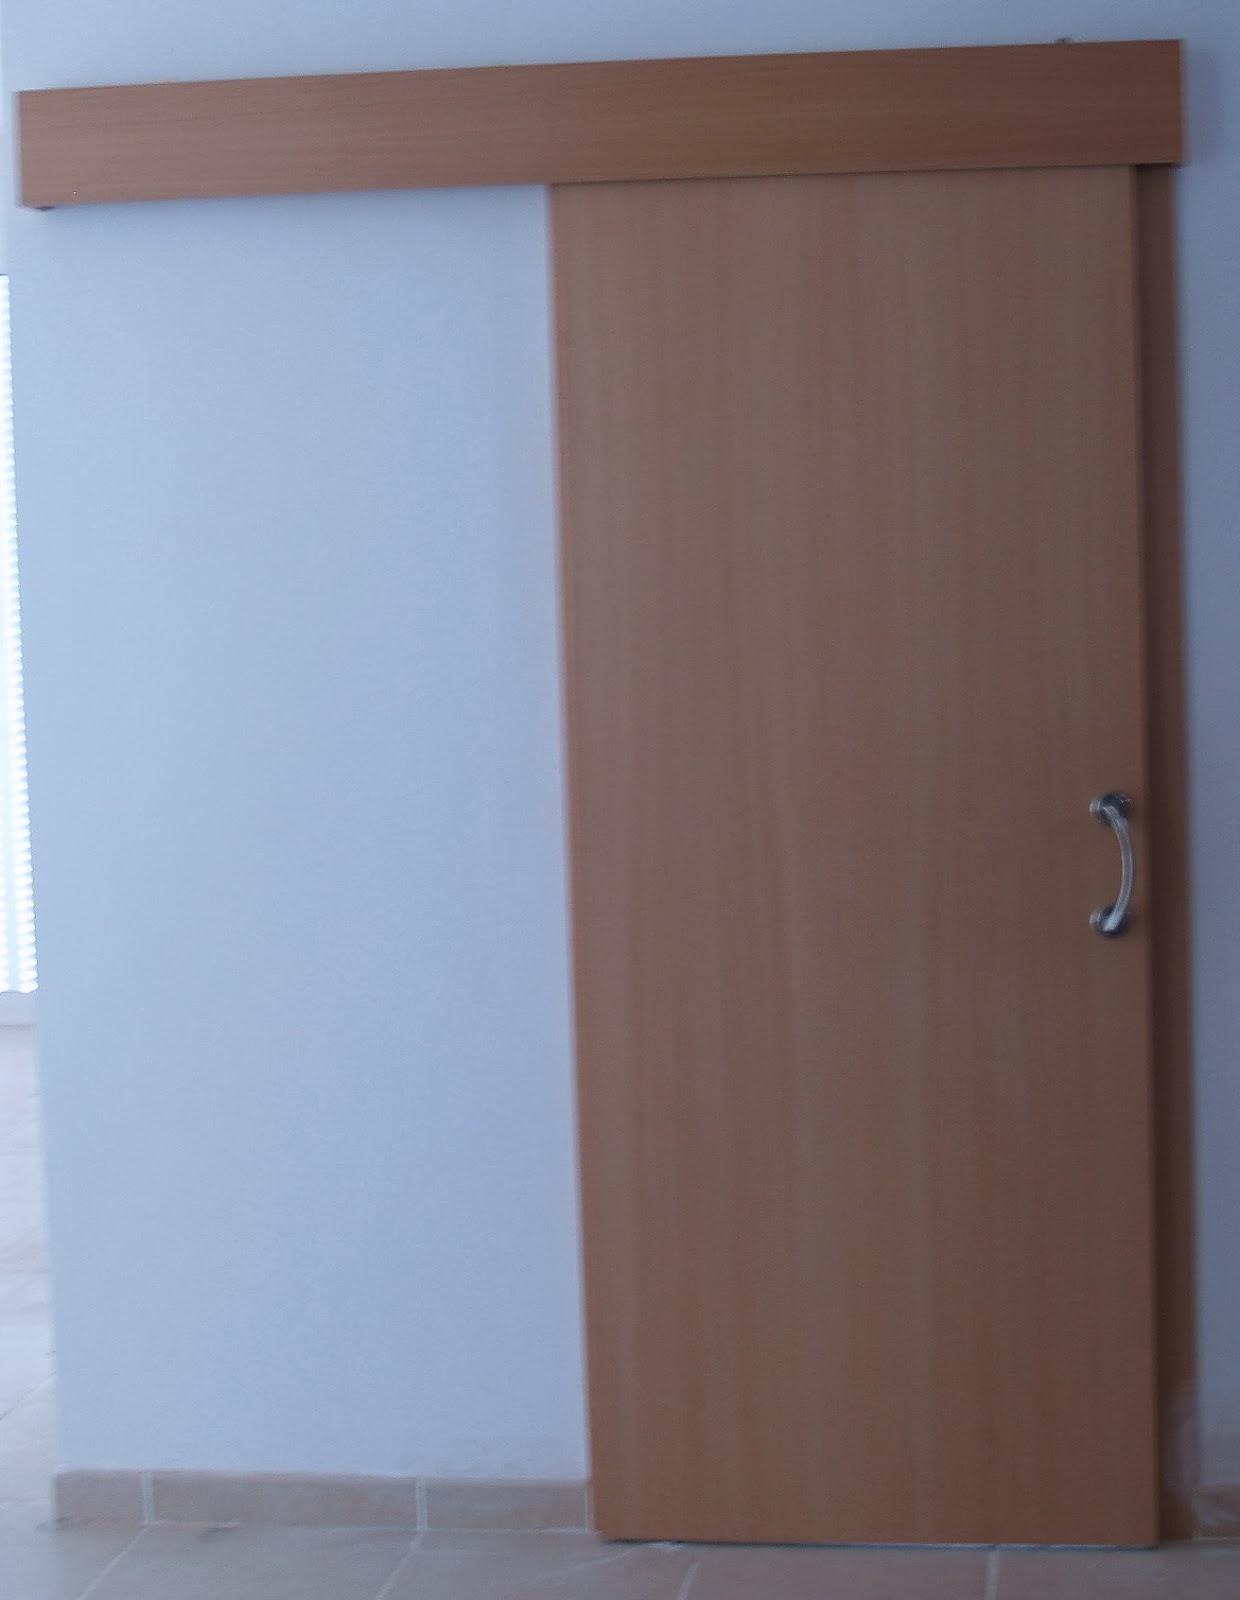 Kit oulet 2012 la mejor oferta en puertas en calidad y - Marco puerta corredera ...